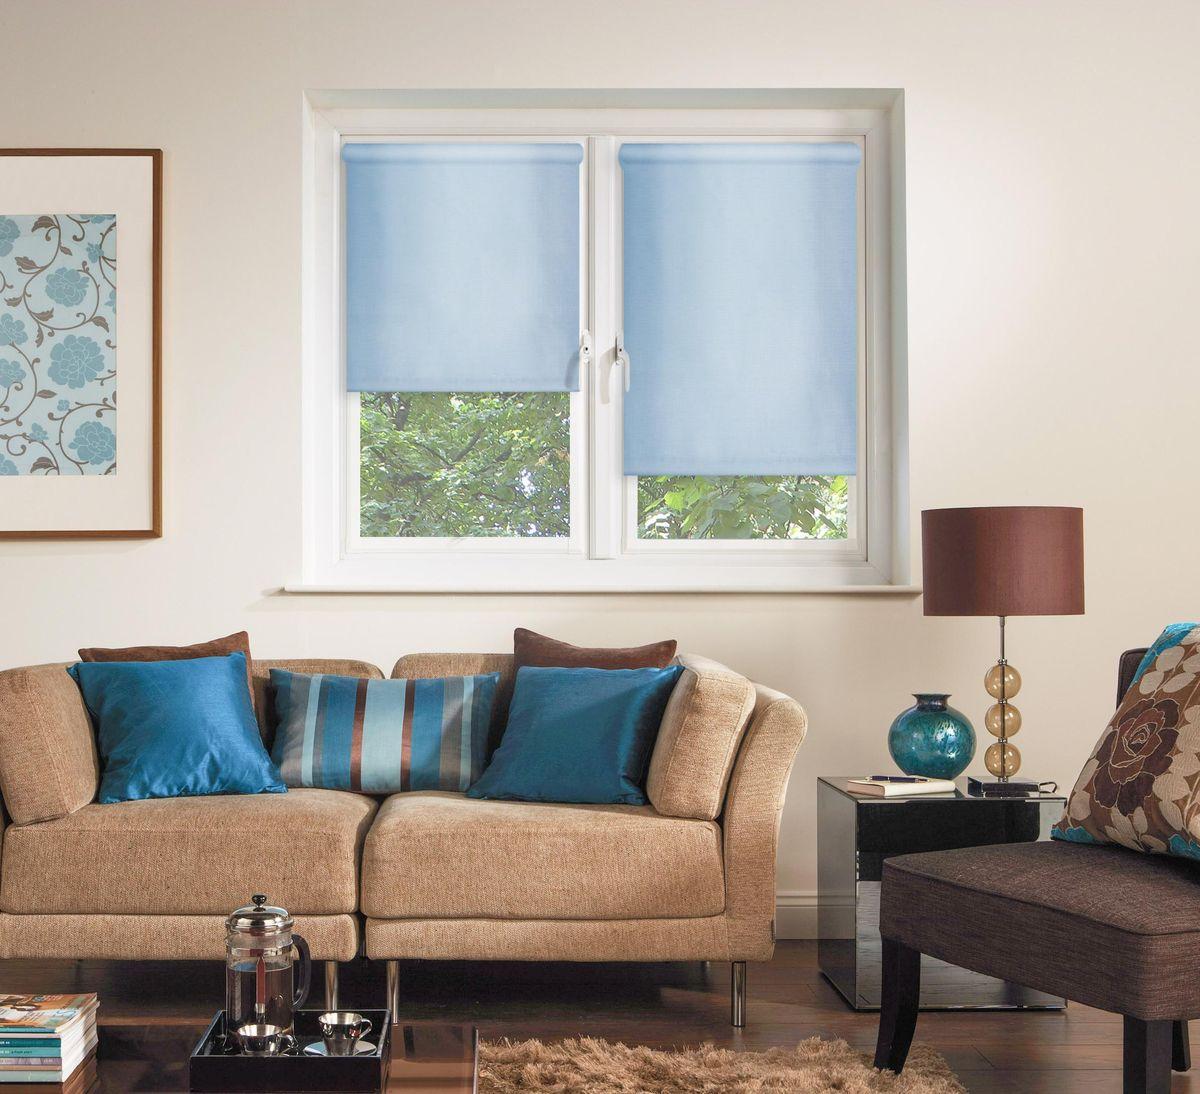 Штора рулонная Эскар, цвет: голубой, ширина 120 см, высота 170 см81005120170Рулонными шторами можно оформлять окна как самостоятельно, так и использовать в комбинации с портьерами. Это поможет предотвратить выгорание дорогой ткани на солнце и соединит функционал рулонных с красотой навесных. Преимущества применения рулонных штор для пластиковых окон: - имеют прекрасный внешний вид: многообразие и фактурность материала изделия отлично смотрятся в любом интерьере; - многофункциональны: есть возможность подобрать шторы способные эффективно защитить комнату от солнца, при этом она не будет слишком темной. - Есть возможность осуществить быстрый монтаж. ВНИМАНИЕ! Размеры ширины изделия указаны по ширине ткани! Во время эксплуатации не рекомендуется полностью разматывать рулон, чтобы не оторвать ткань от намоточного вала. В случае загрязнения поверхности ткани, чистку шторы проводят одним из способов, в зависимости от типа загрязнения: легкое поверхностное загрязнение можно удалить при помощи канцелярского ластика; чистка от пыли производится сухим методом при...